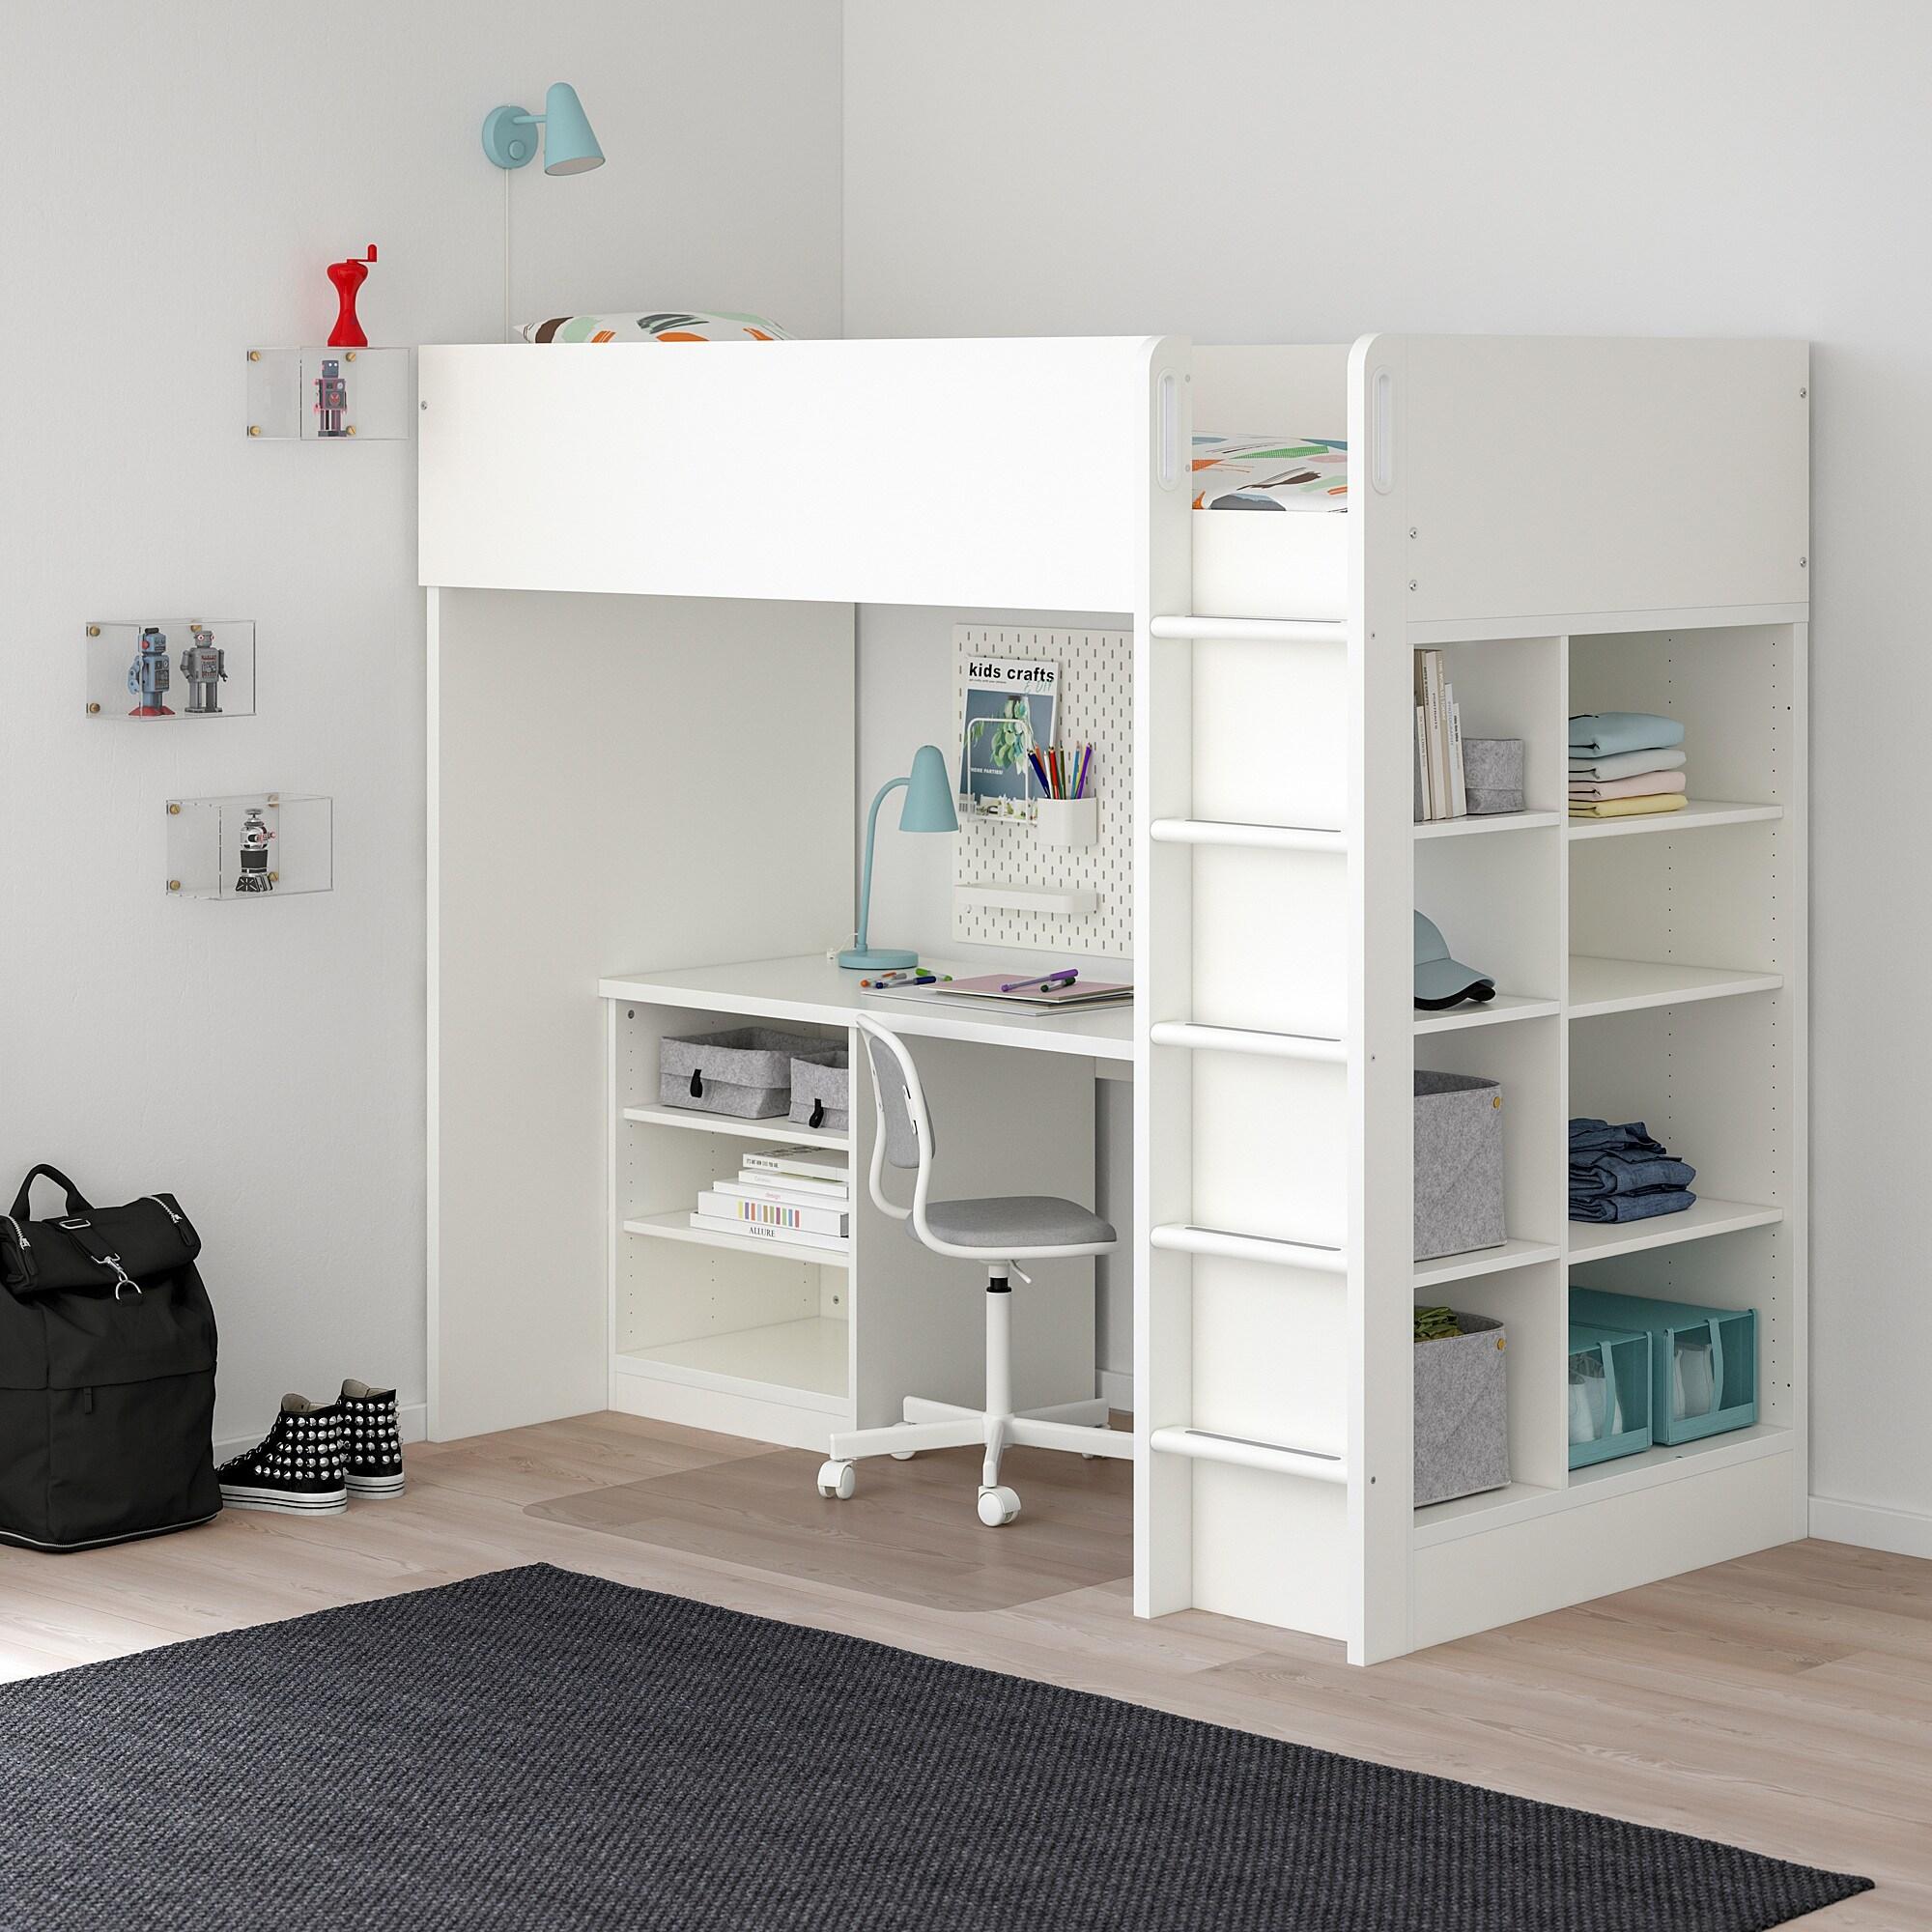 prix avis lit mezzanine Ikea Stuva